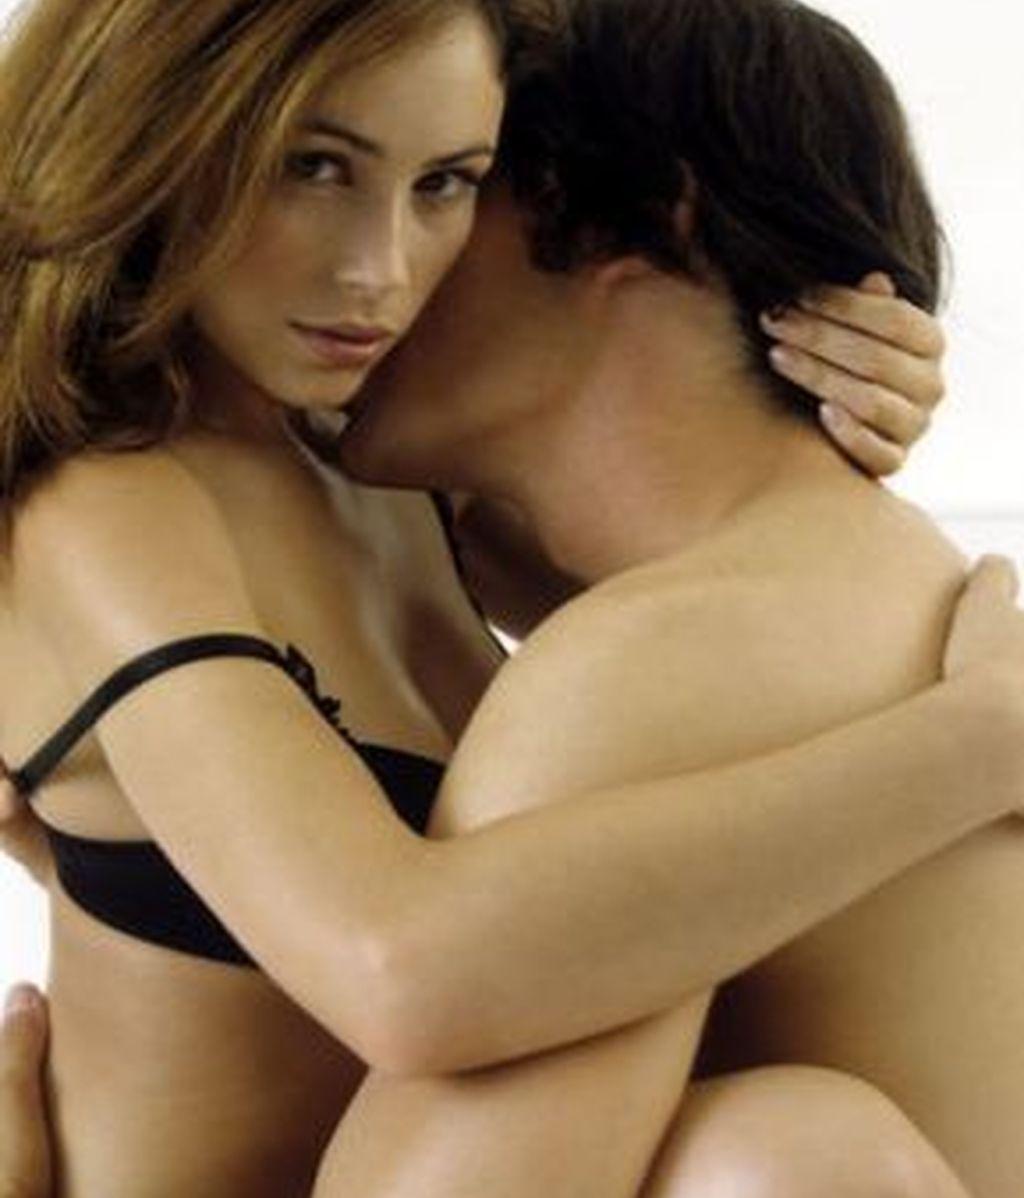 Un estudio científico vincula la mayor actividad sexual masculina con el menor riesgos de sufrir accidentes cardiovasculares.